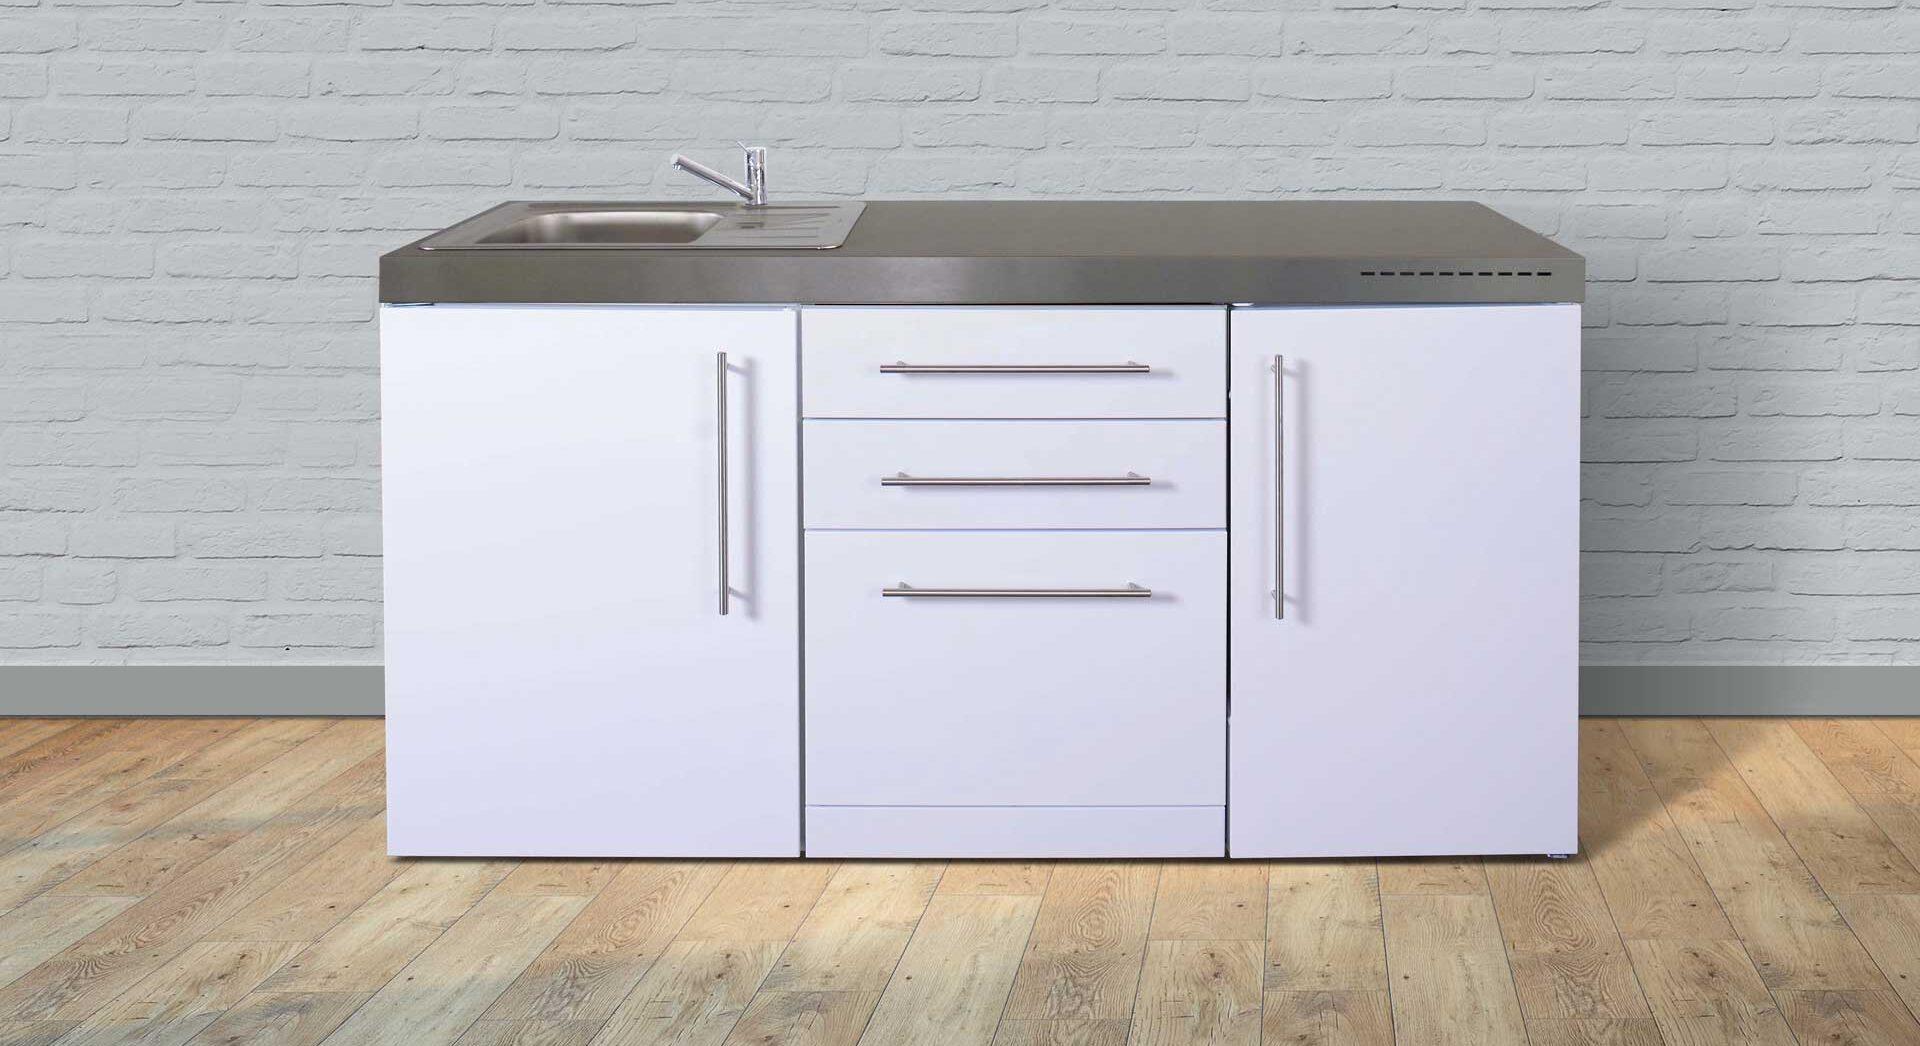 MPGS 170 rustfrit stål minikøkken - fås i 8 moderne farver. Inkl. køleskab m. frys, induktionskogeplader mm.